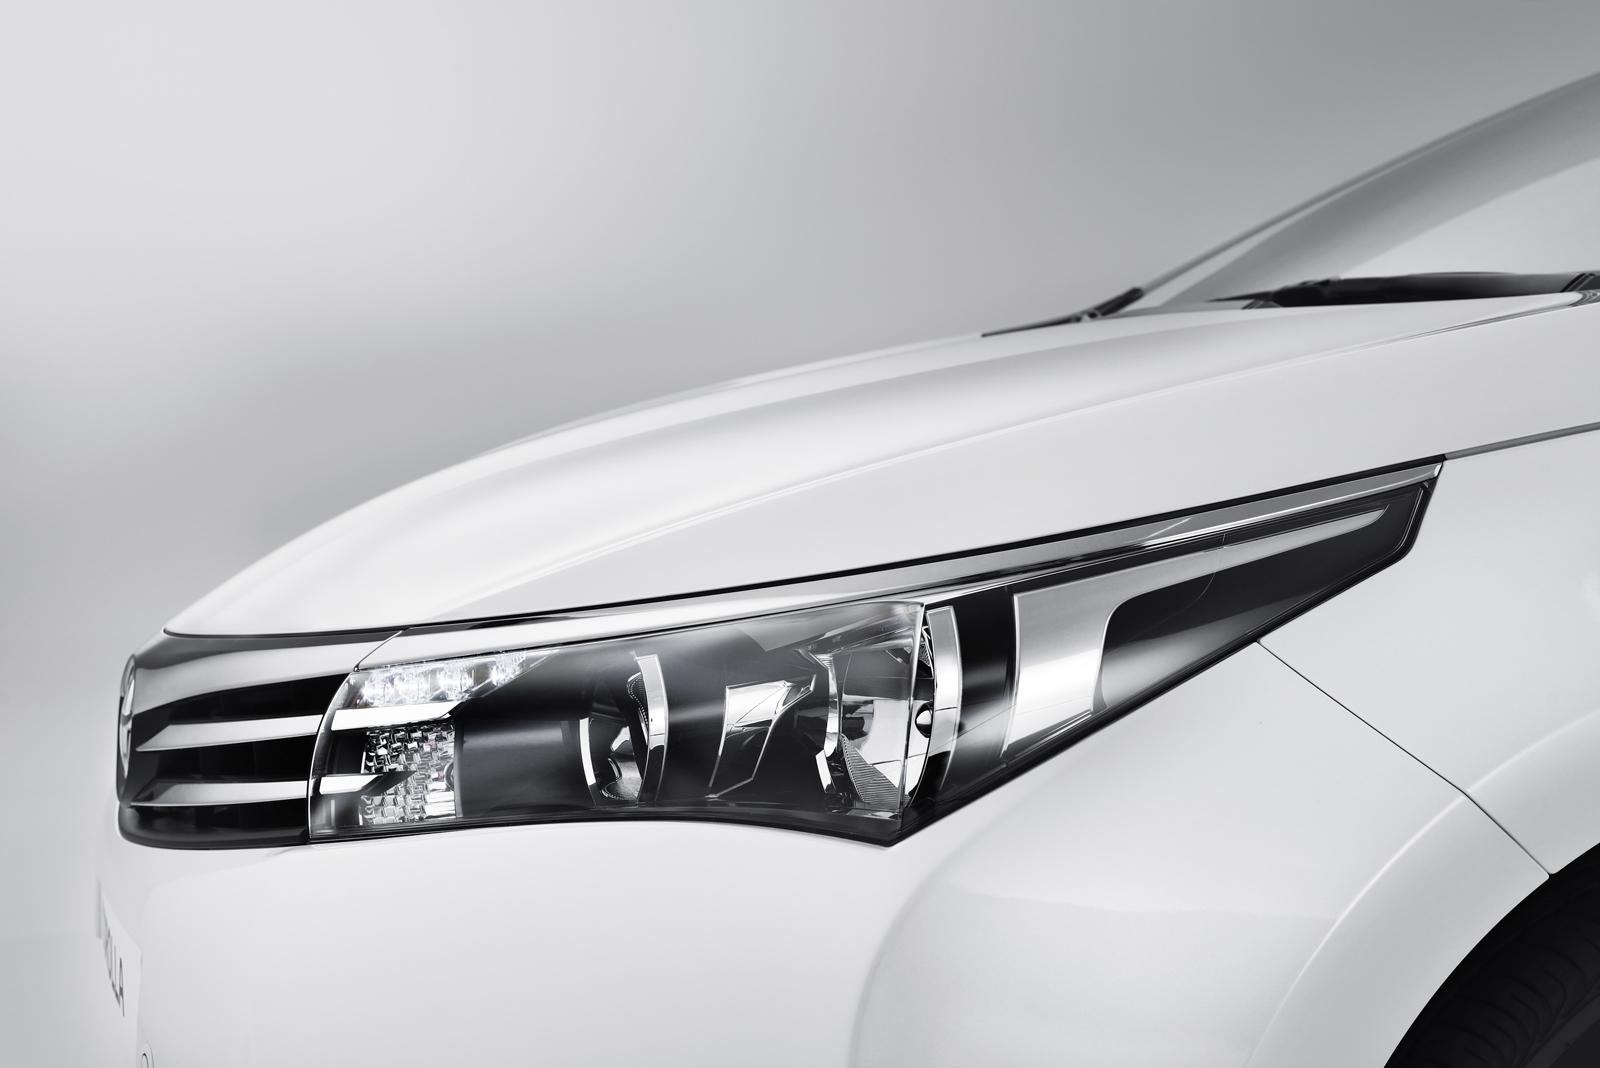 решетка радиатора новая Тойота Королла